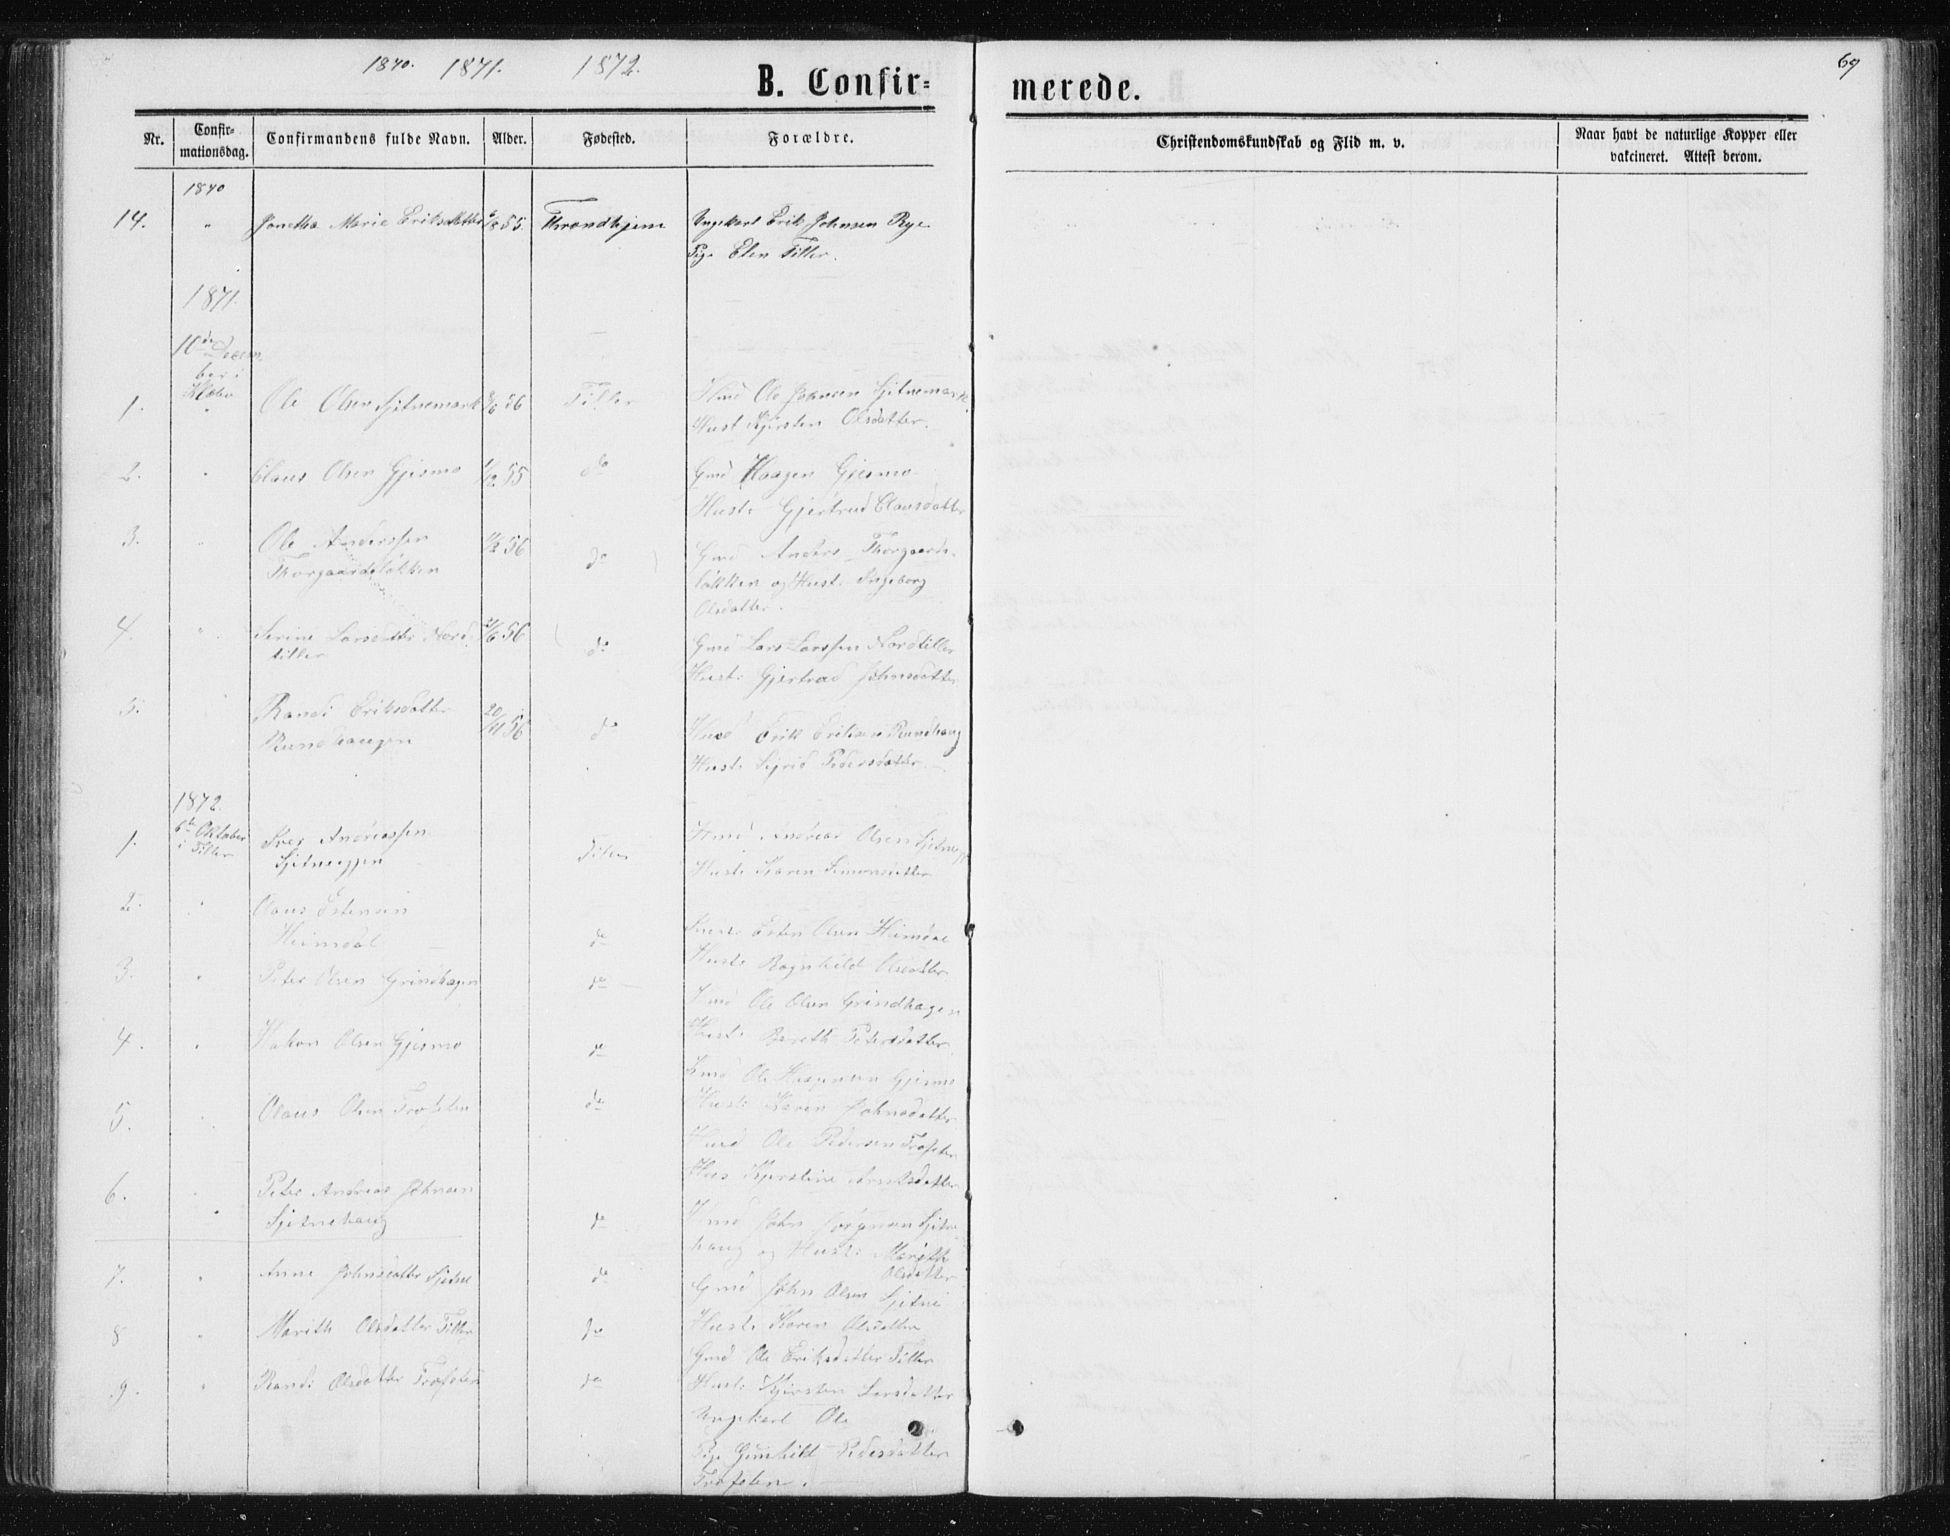 SAT, Ministerialprotokoller, klokkerbøker og fødselsregistre - Sør-Trøndelag, 621/L0459: Klokkerbok nr. 621C02, 1866-1895, s. 69